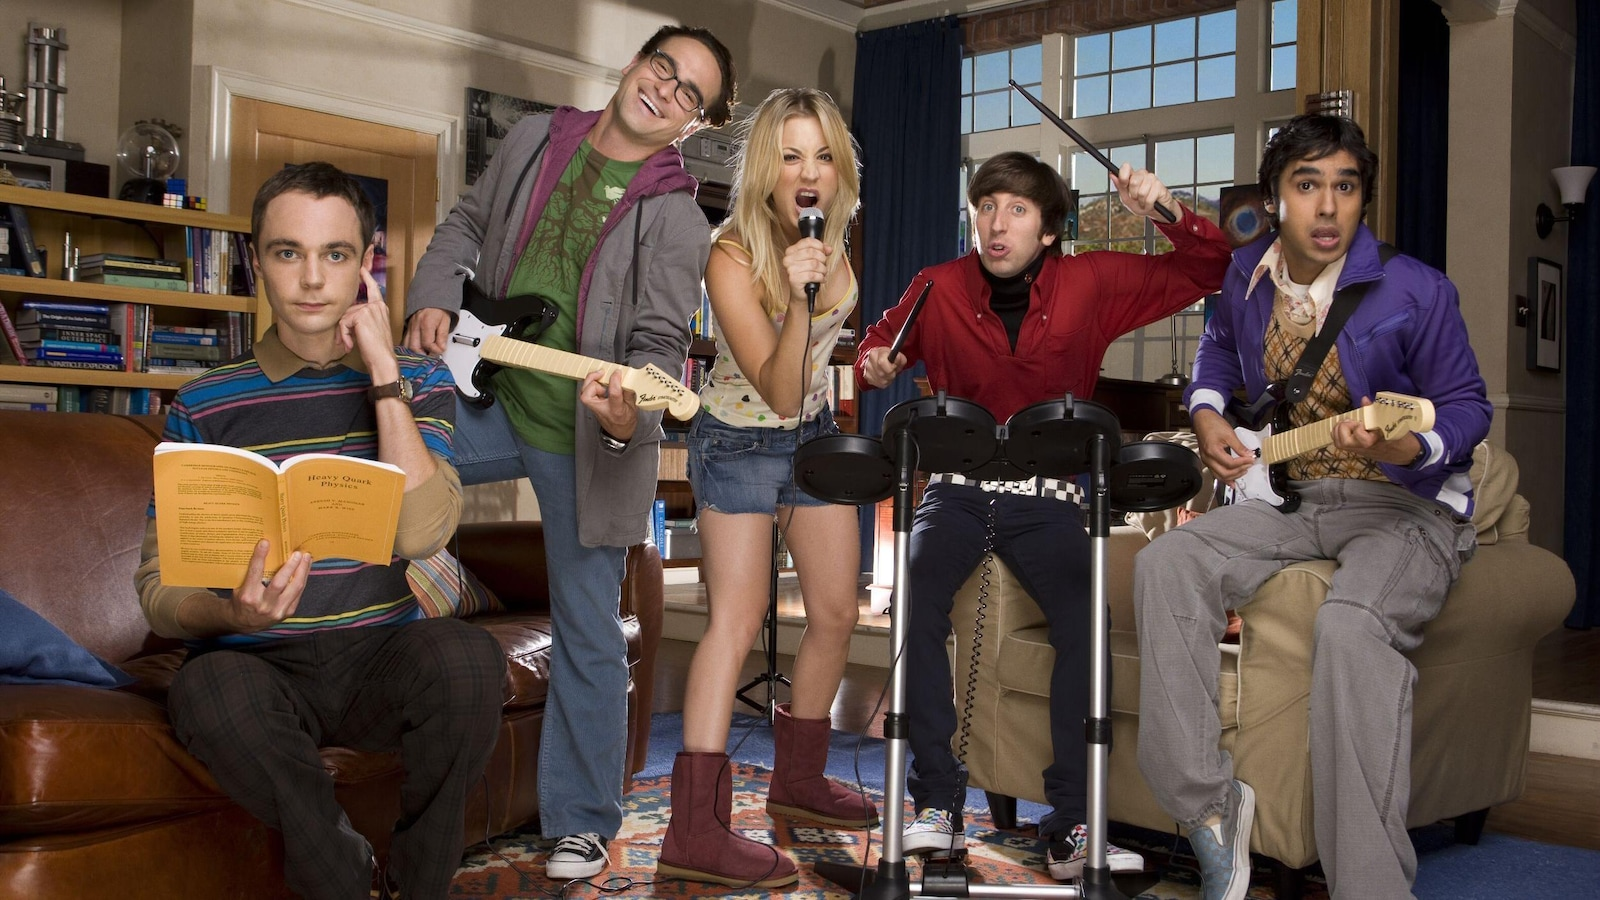 Quatre personnes jouent de la musique pendant que Sheldon essaie de lire en se bouchant une oreille.